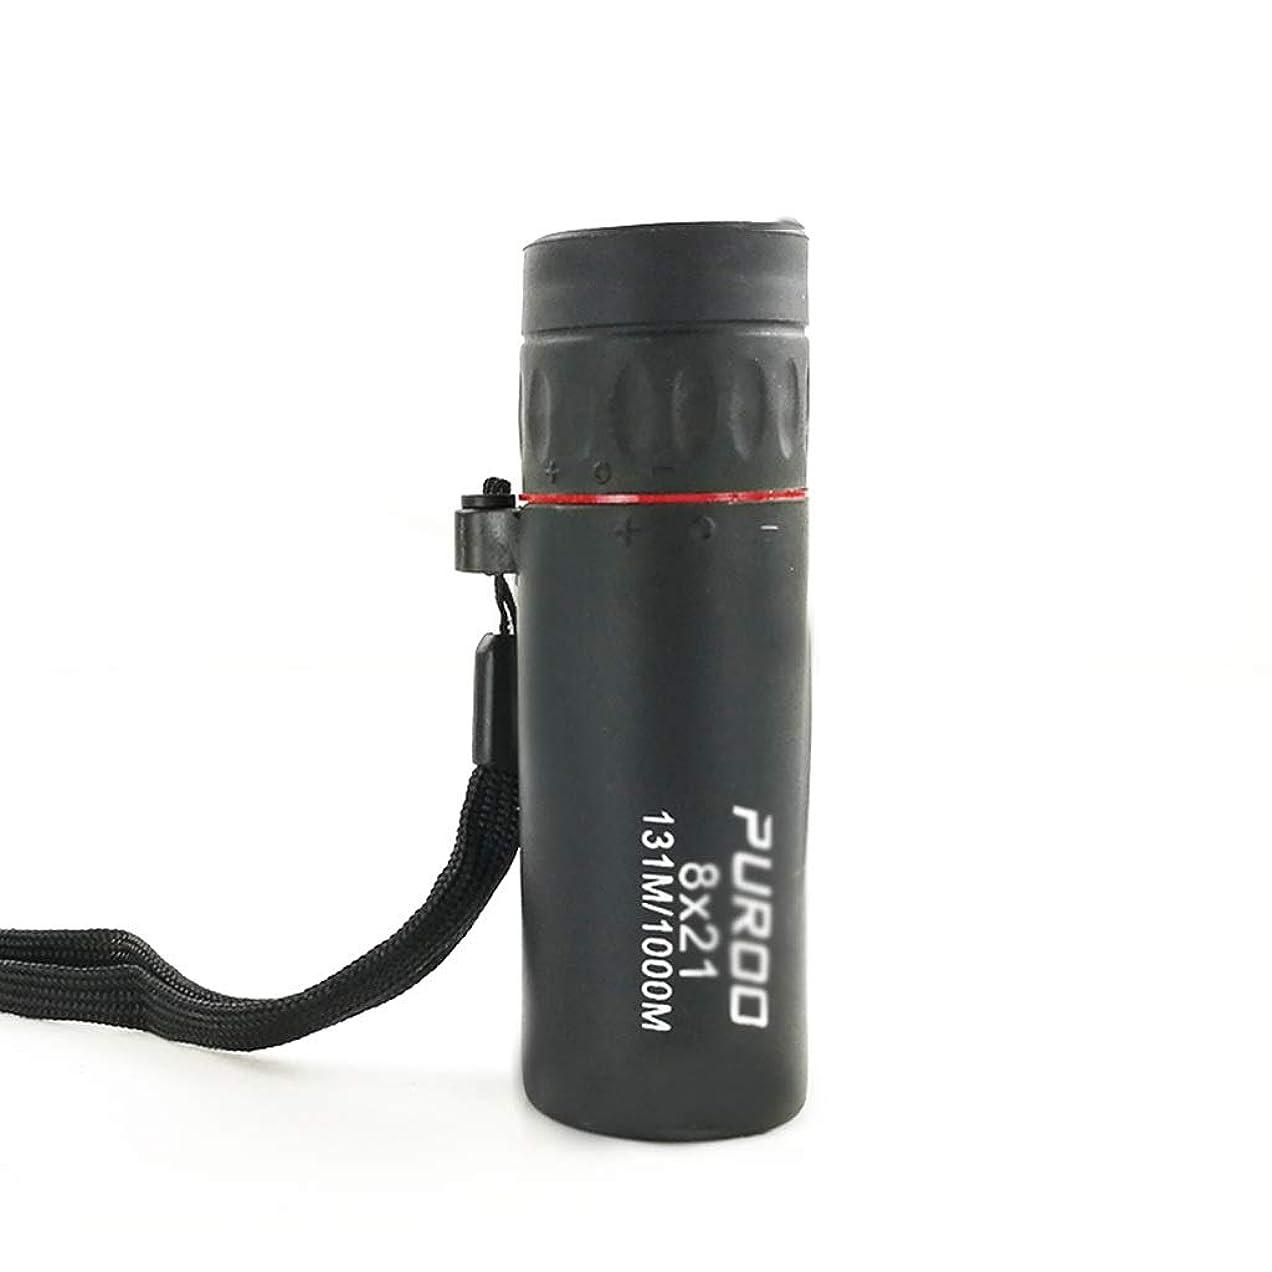 起こるネクタイサークル単眼鏡ミニナイトビジョンゴーグルポータブル旅行ミラー8×21高精細望遠鏡子供大人の単眼鏡、ミラー布とキャリングケース付き (Color : BLACK, Size : 8.7*2.8CM)